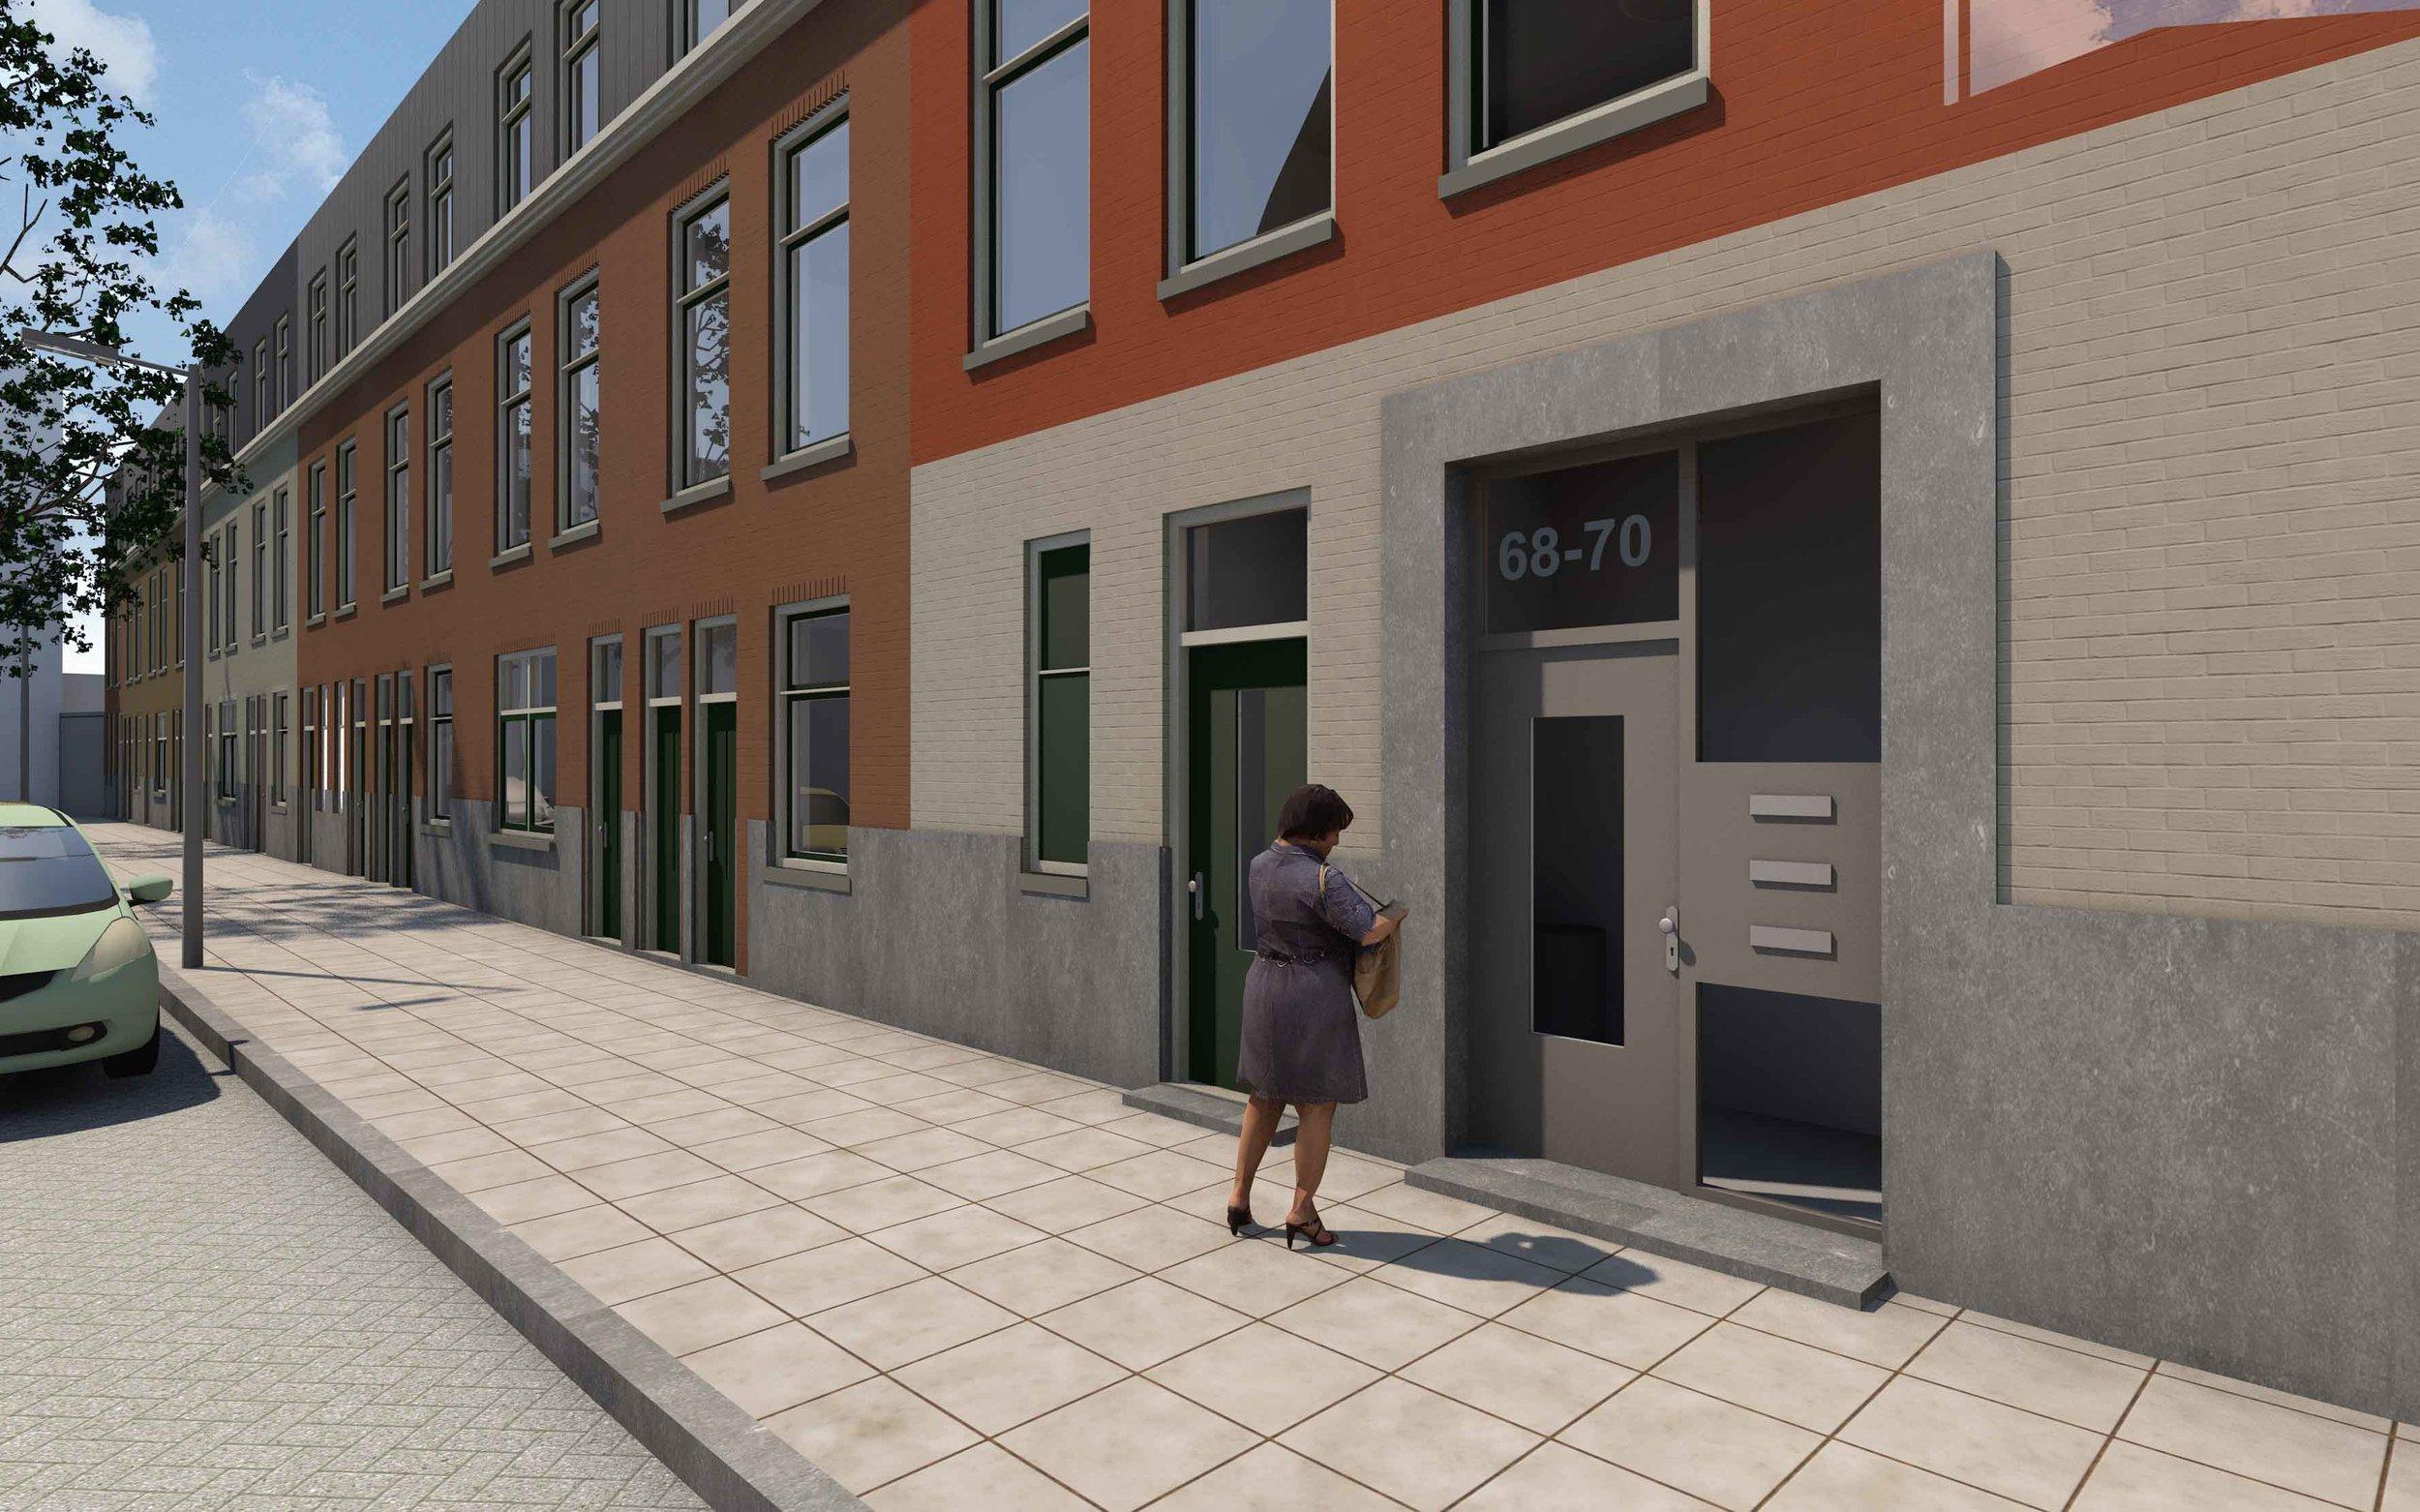 17385 VHR - Ooghoogte - Vd. Hilstdwarsstraat - Entree Type C - Bewerkt.jpg